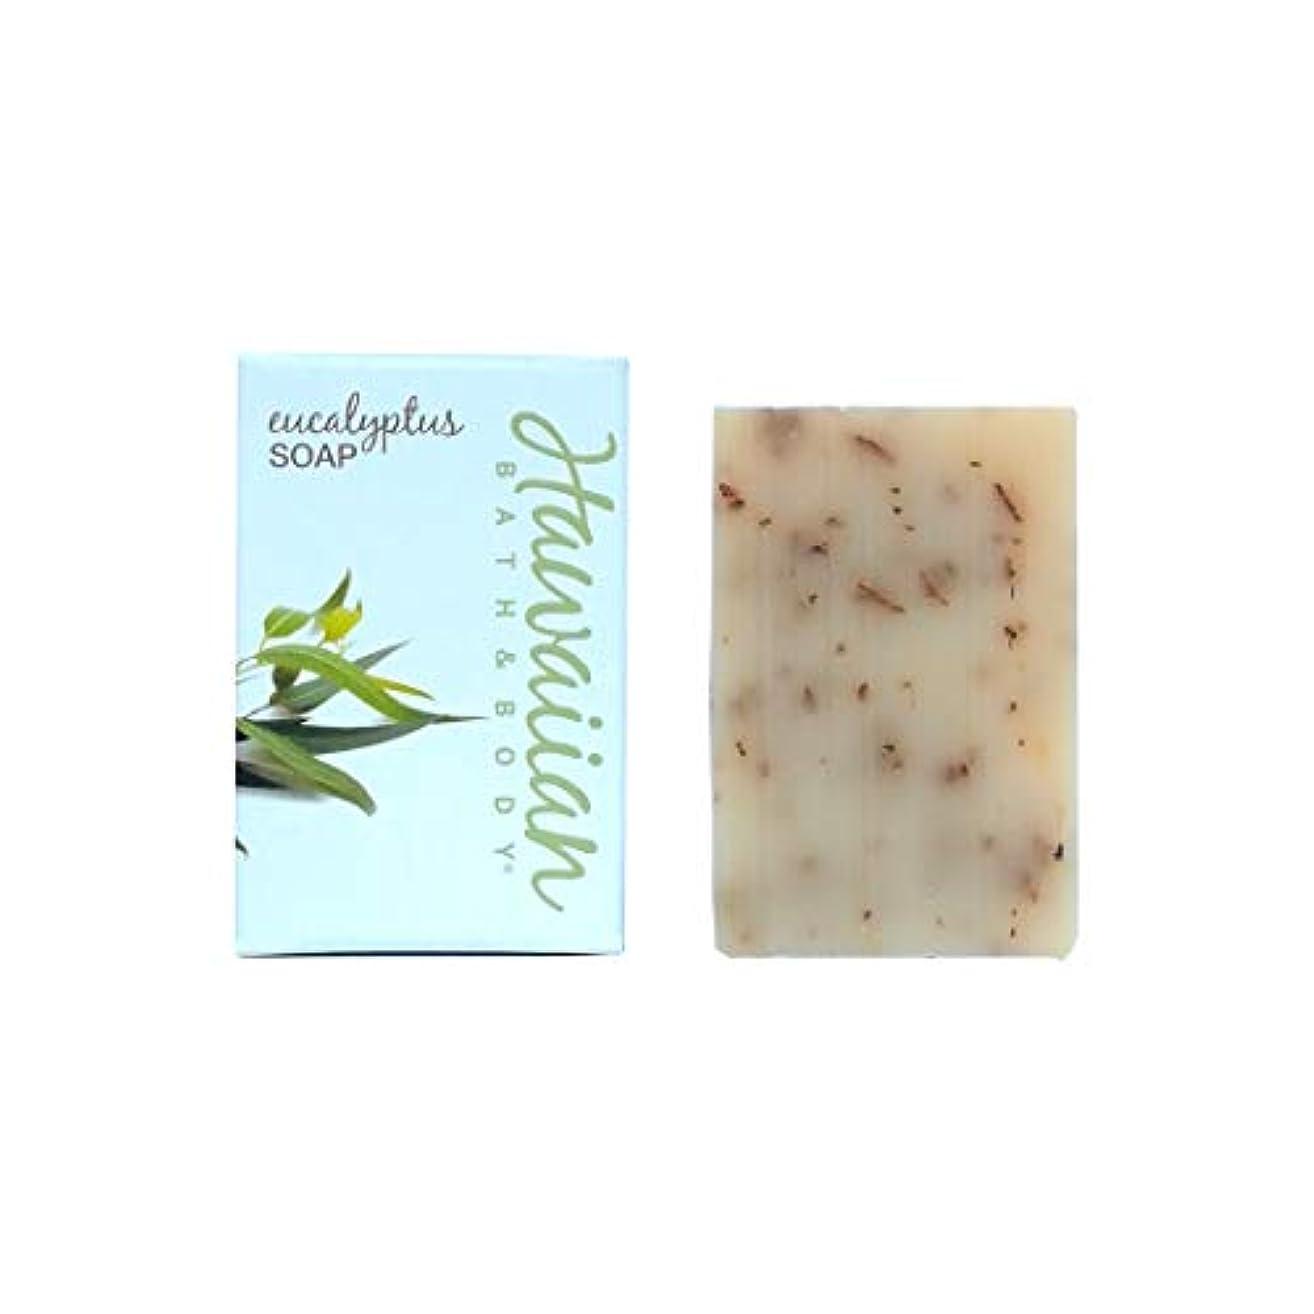 前任者勝者ドキドキハワイアンバス&ボディ ユーカリソープ (Eucalyptus Soap)